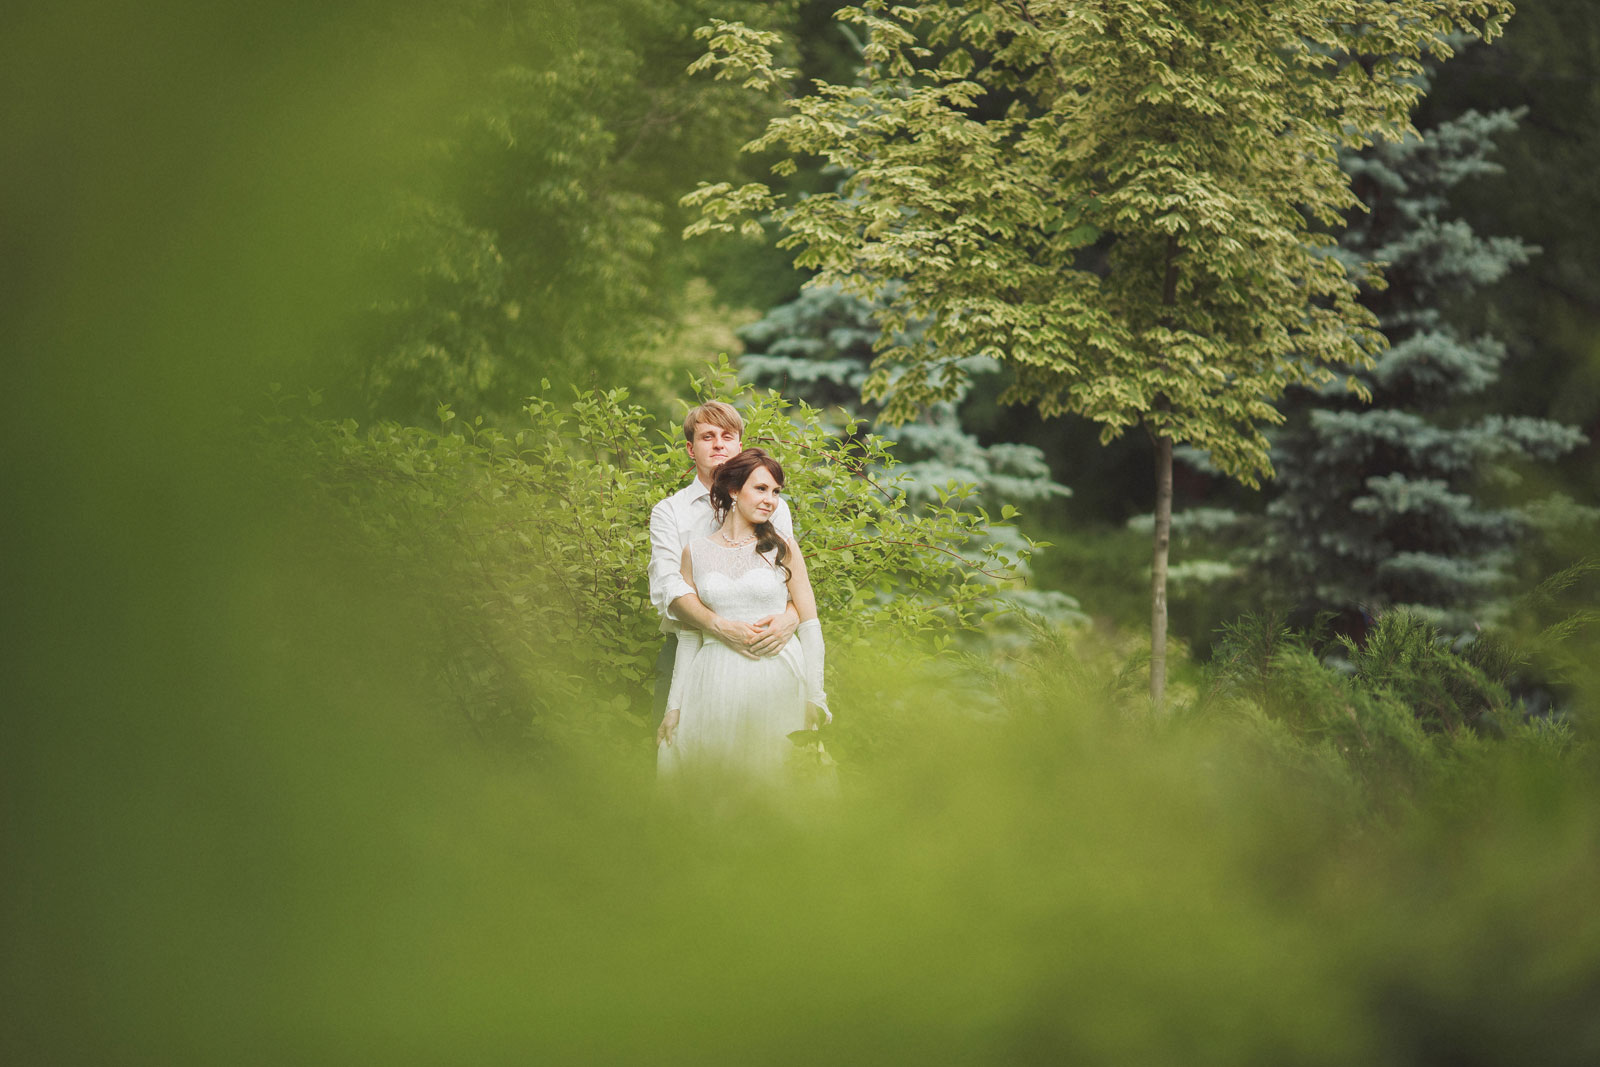 Свадебный фотограф Москва, фотограф на свадьбу